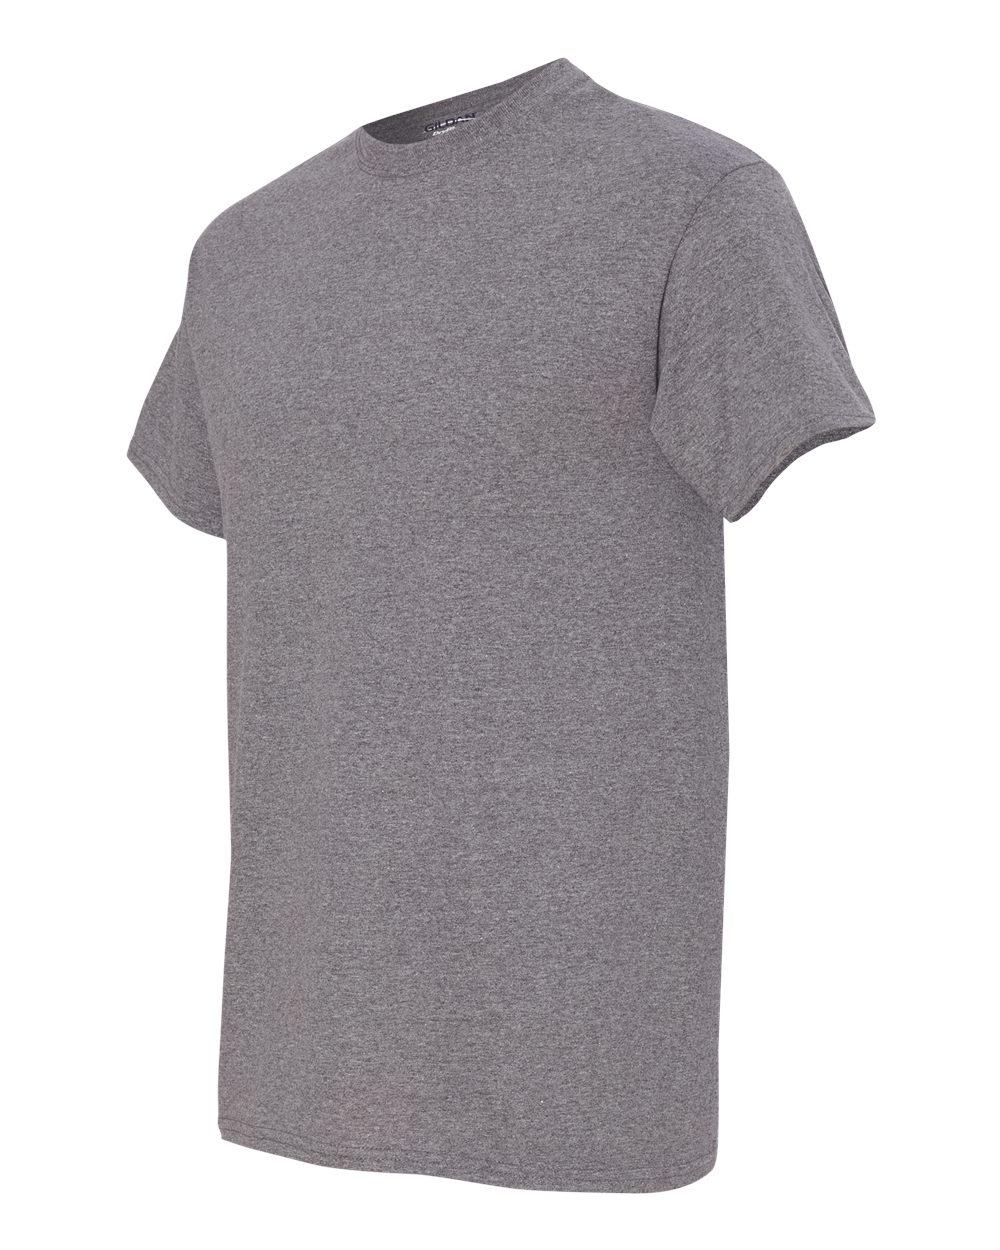 Gildan-Mens-DryBlend-5-6-oz-50-50-T-Shirt-G800-Size-S-5XL thumbnail 32